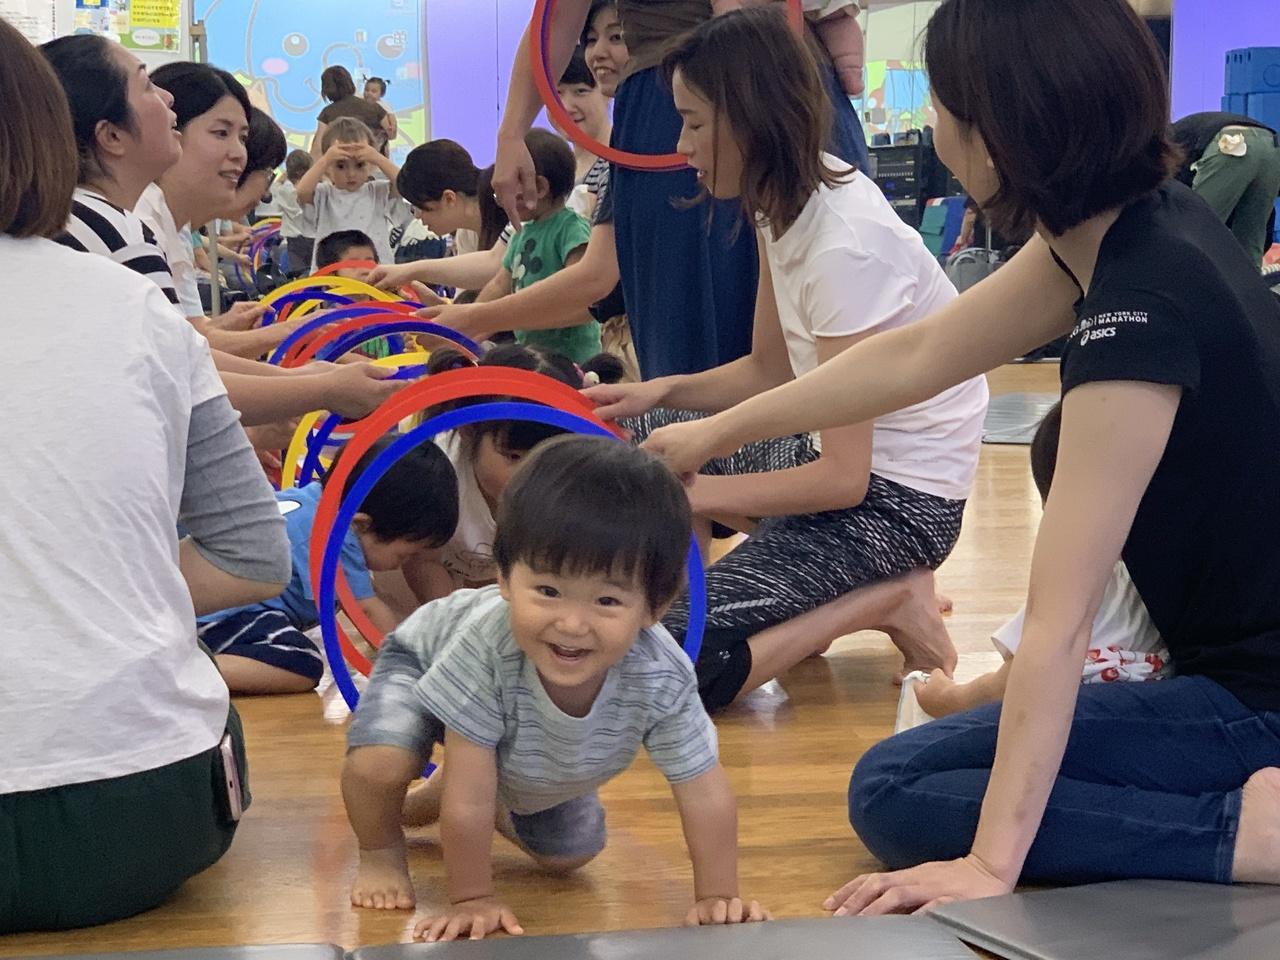 ブレインキッズ体操教室【親子遊びクラス 1~3歳】お試し体験レッスン